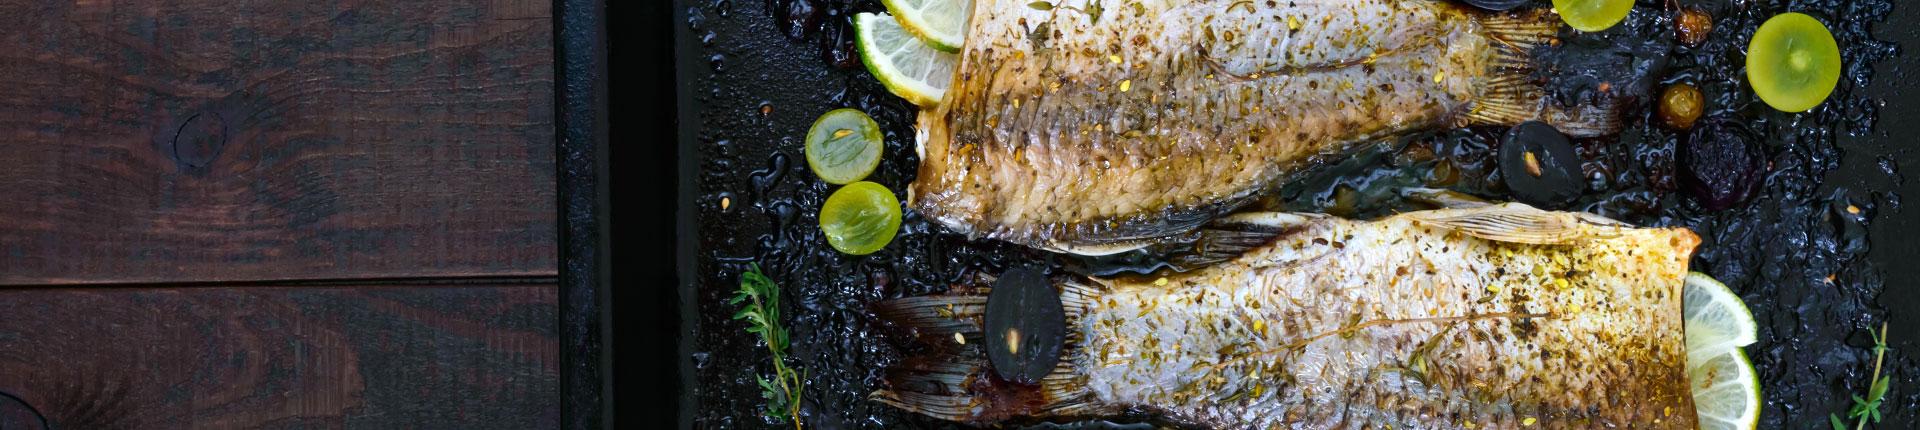 Jaką rybę wybrać na święta?